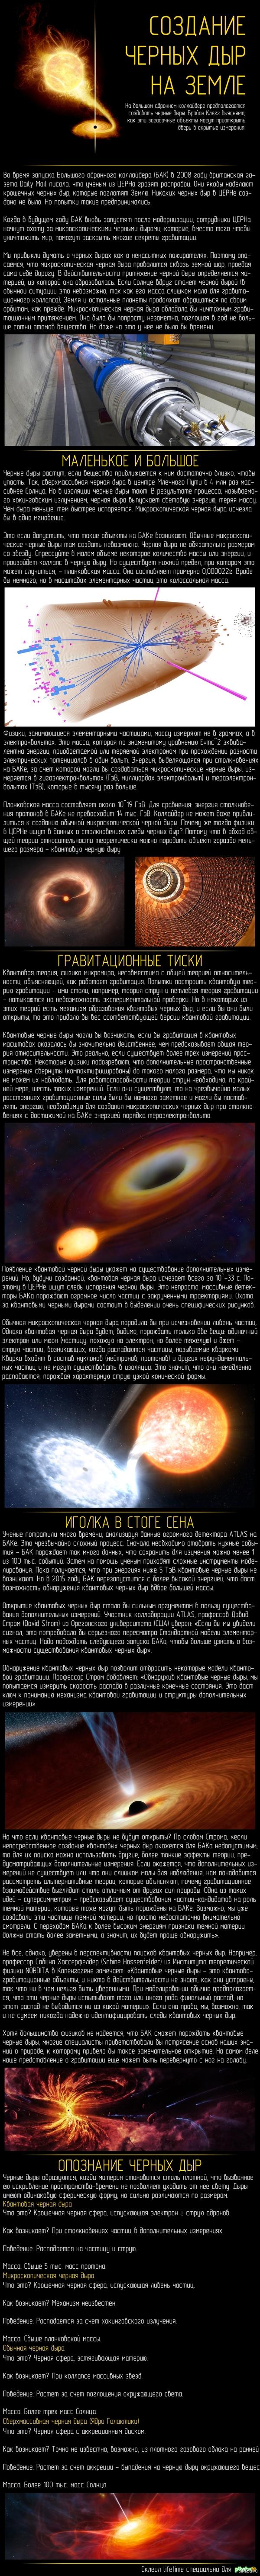 Создание черных дыр на Земле